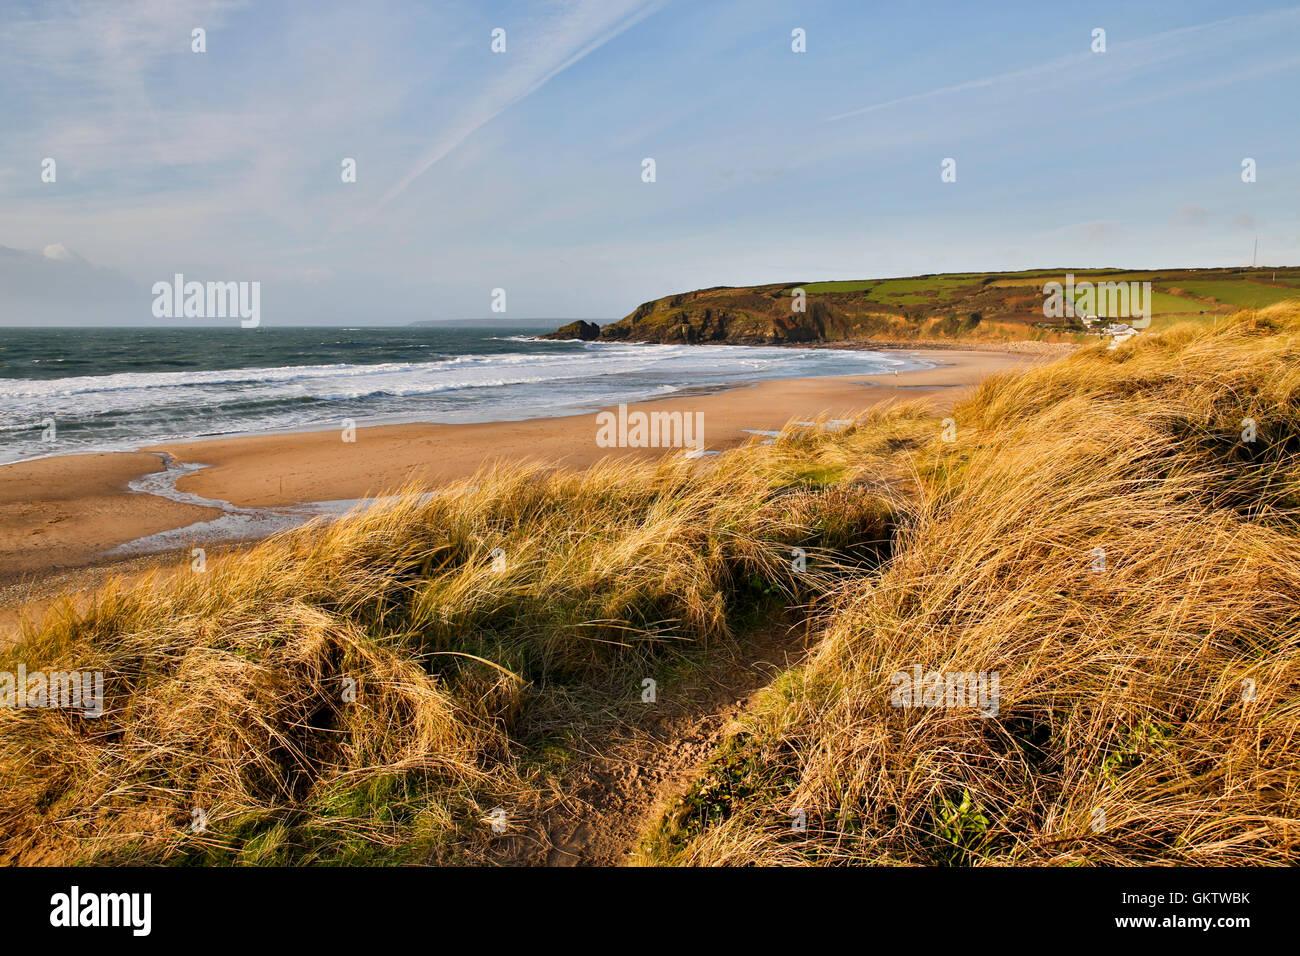 Praa Sands; Cornwall; UK - Stock Image